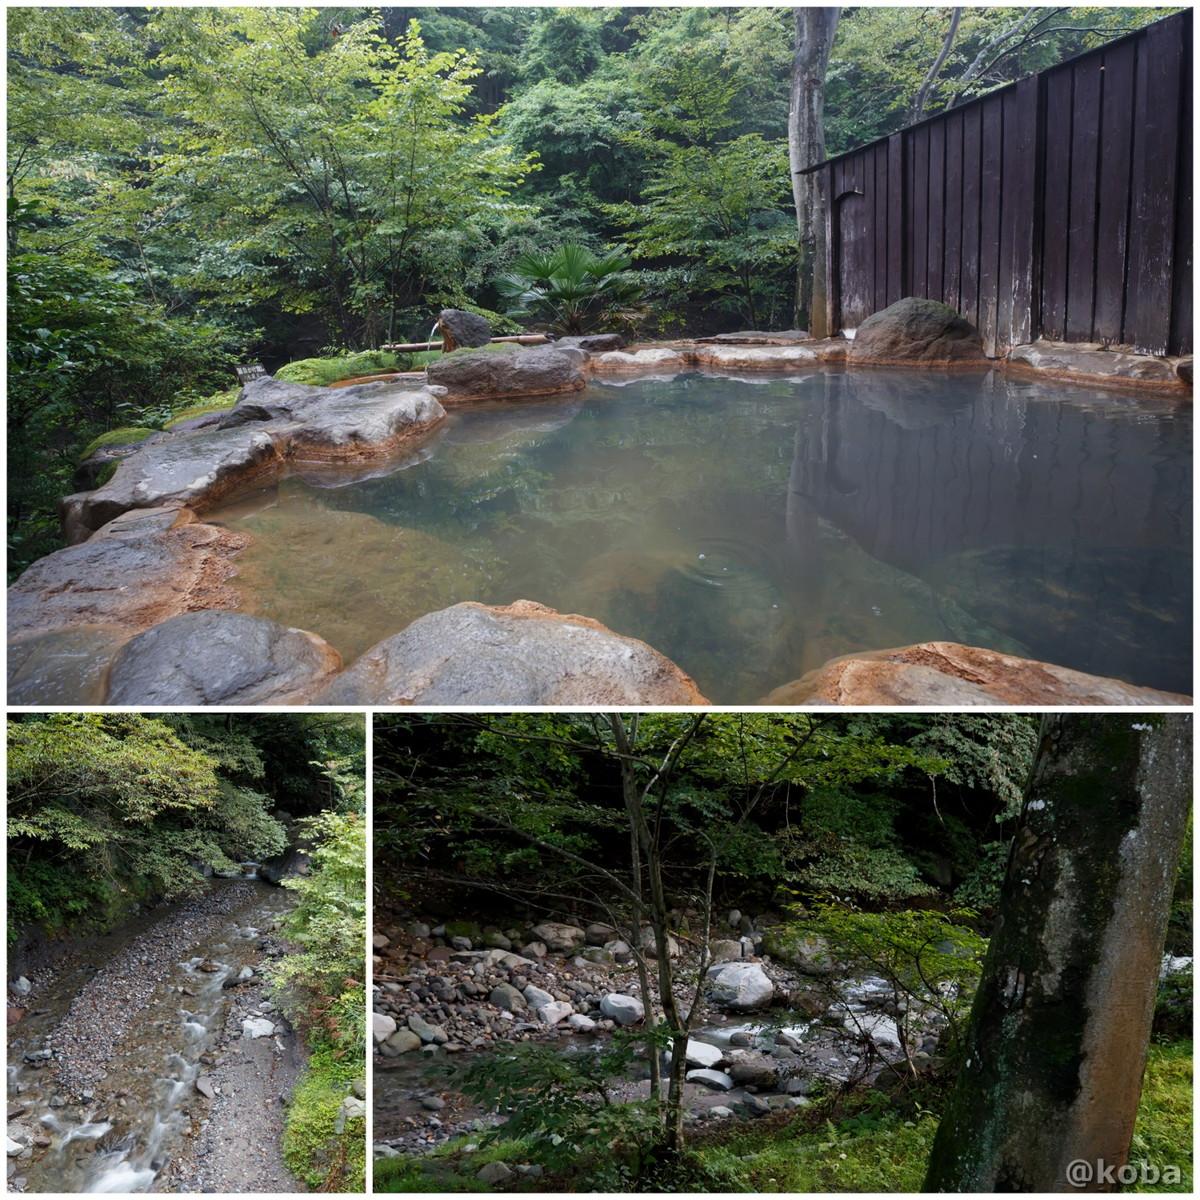 岩風呂と粕川の写真|滝沢温泉 滝沢館|日本秘湯を守る会|群馬県